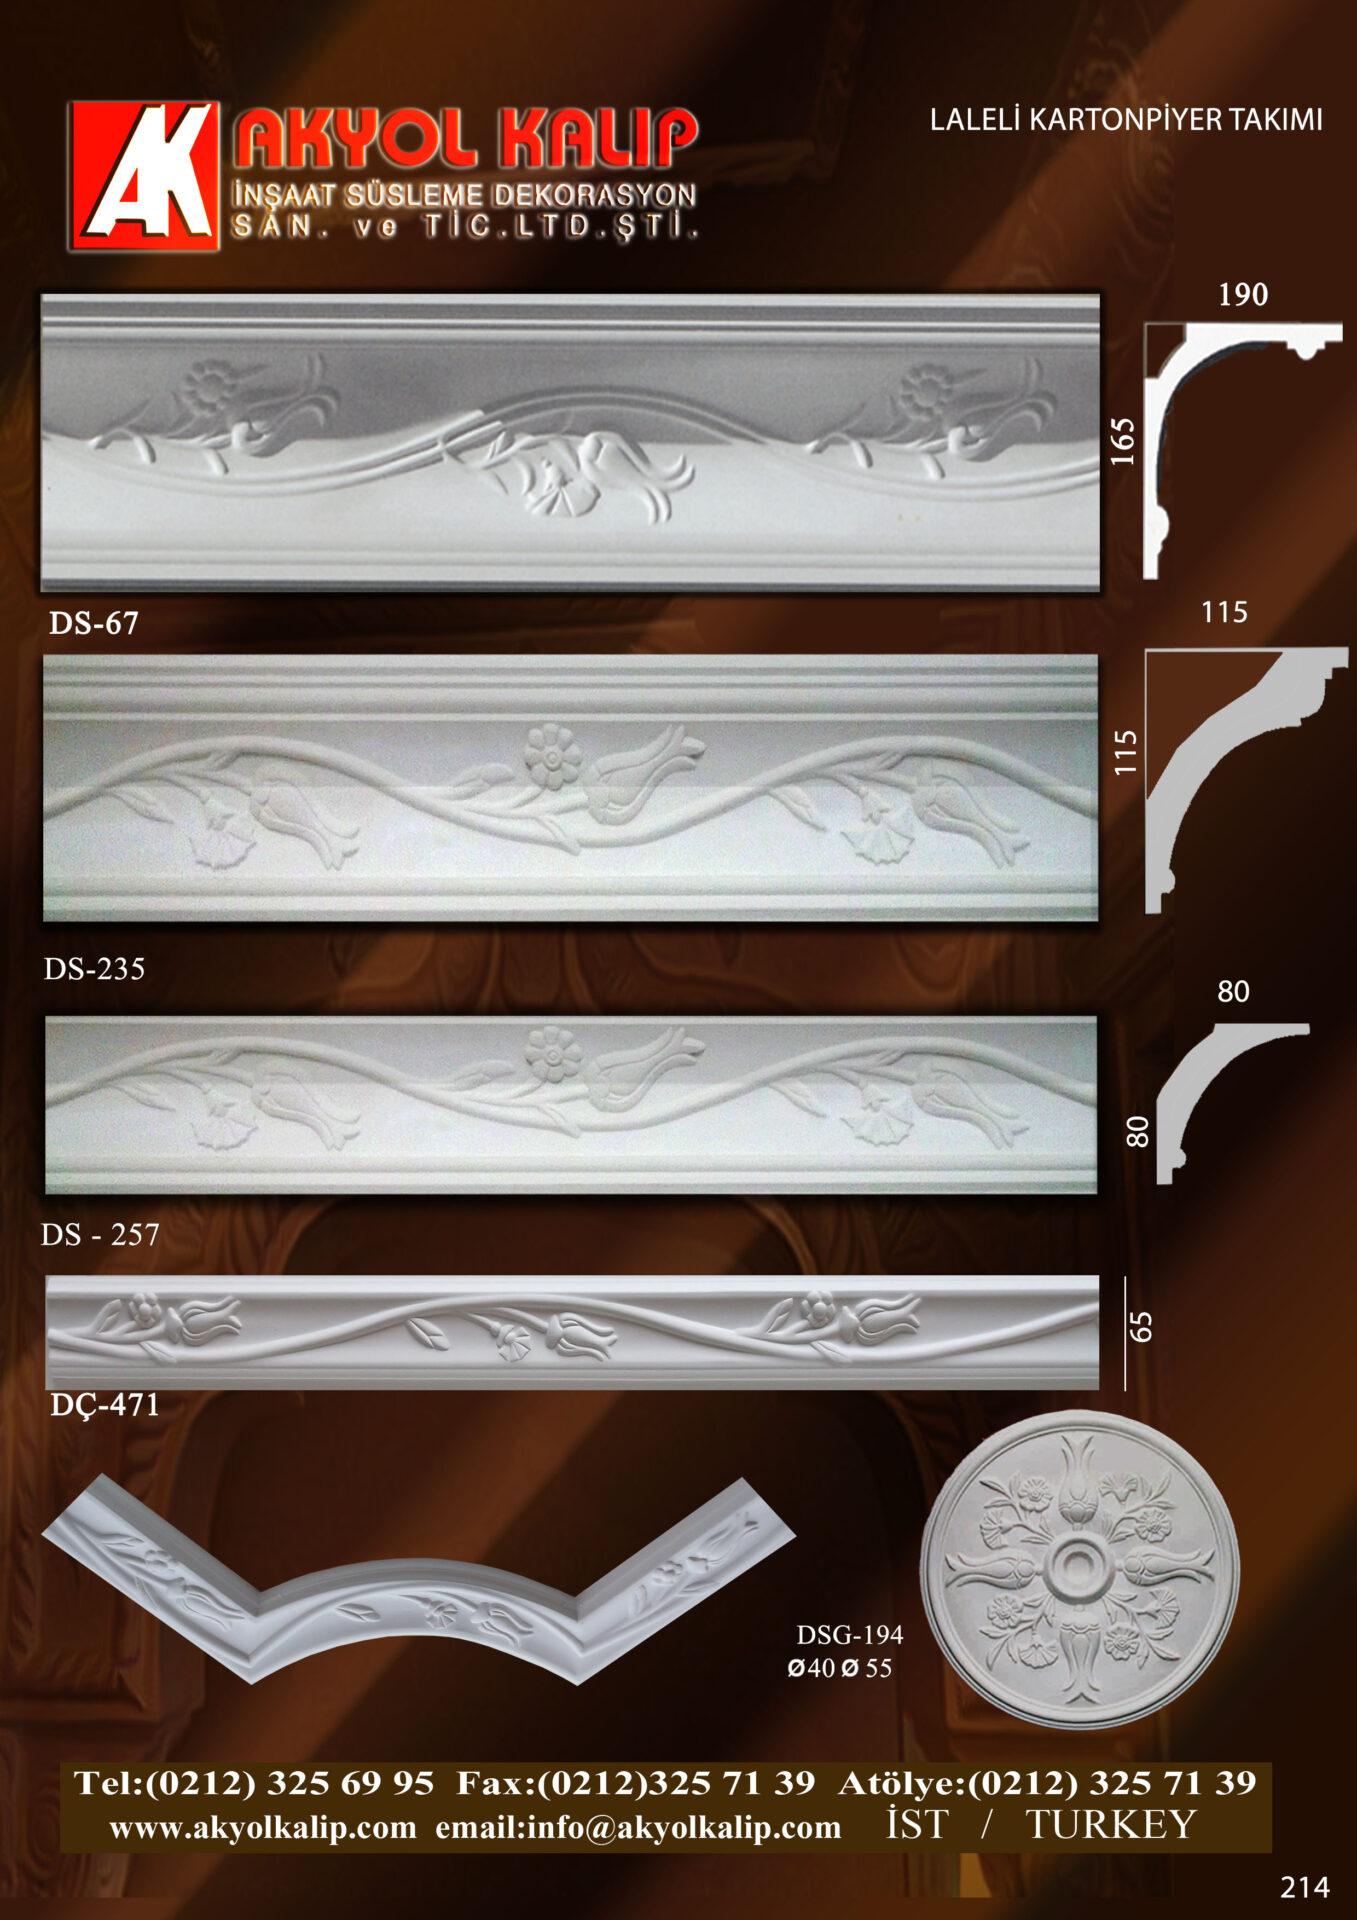 polyester pano kalıpları, polyester tablo kalıpları, alçı pano kalıpları duvar pano modelleri, duvar tablo modelleri, alçı pano çeşitleri, polyester alçı kalıp, Alçı Dekorasyon Kalıp Imalatçısı, alçı kalıp polyester kalıp, dış cephe prekast kalıpları, beton prekast uygulama, çatı dere kaplama, kartonpiyer kalip, alçi kalıplari, silikon kalıp, rtv2 kalıplarıpolyester pano kalıpları, polyester tablo kalıpları, alçı pano kalıpları duvar pano modelleri, duvar tablo modelleri, alçı pano çeşitleri, polyester alçı kalıp, Alçı Dekorasyon Kalıp Imalatçısı, alçı kalıp polyester kalıp, dış cephe prekast kalıpları, beton prekast uygulama, çatı dere kaplama, kartonpiyer kalip, alçi kalıplari, silikon kalıp, rtv2 kalıpları